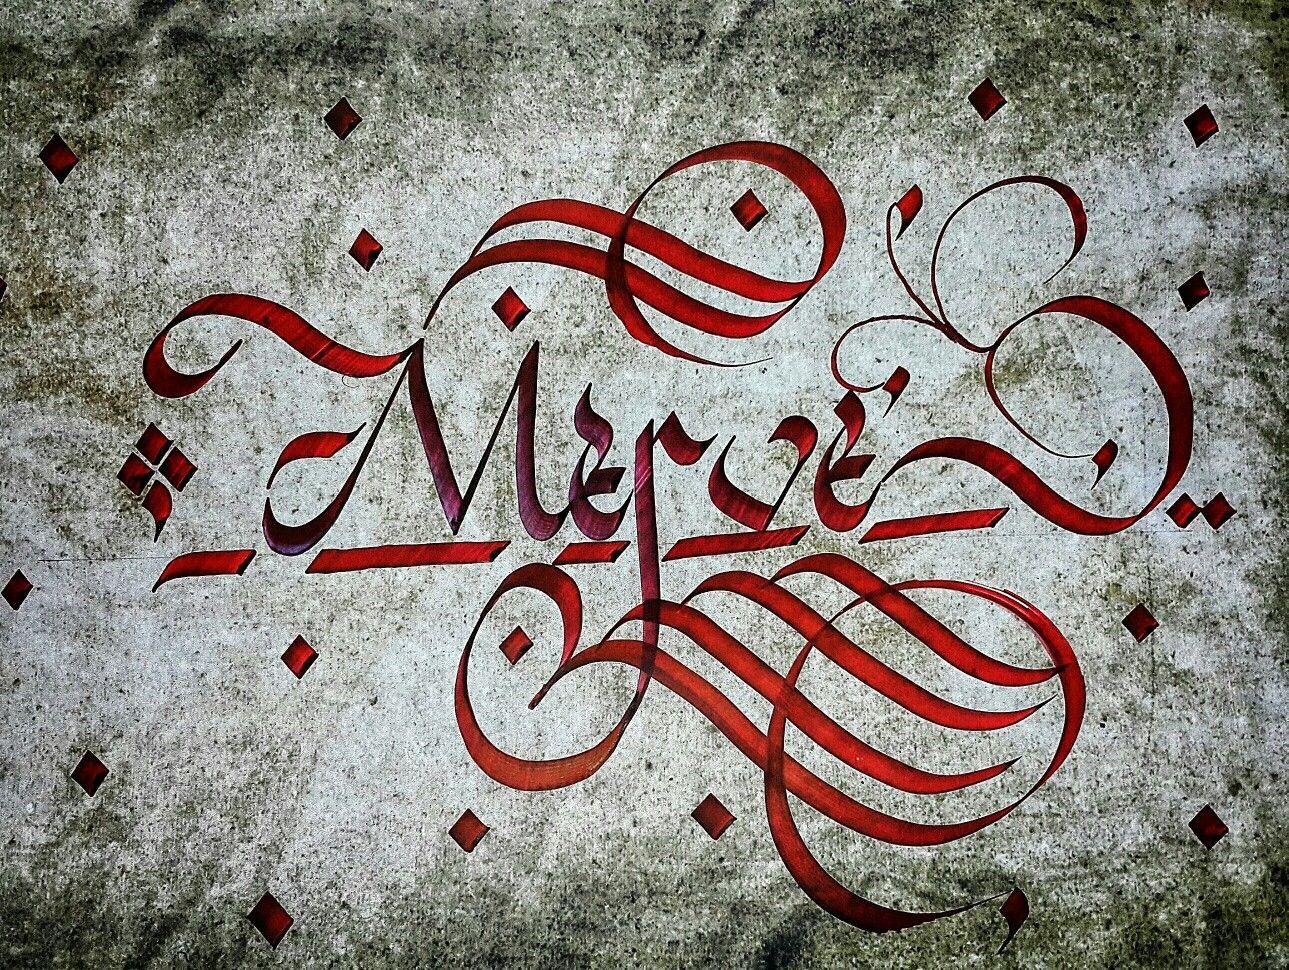 Kaligrafi Yazı sanatı, Sanat, Tezhip